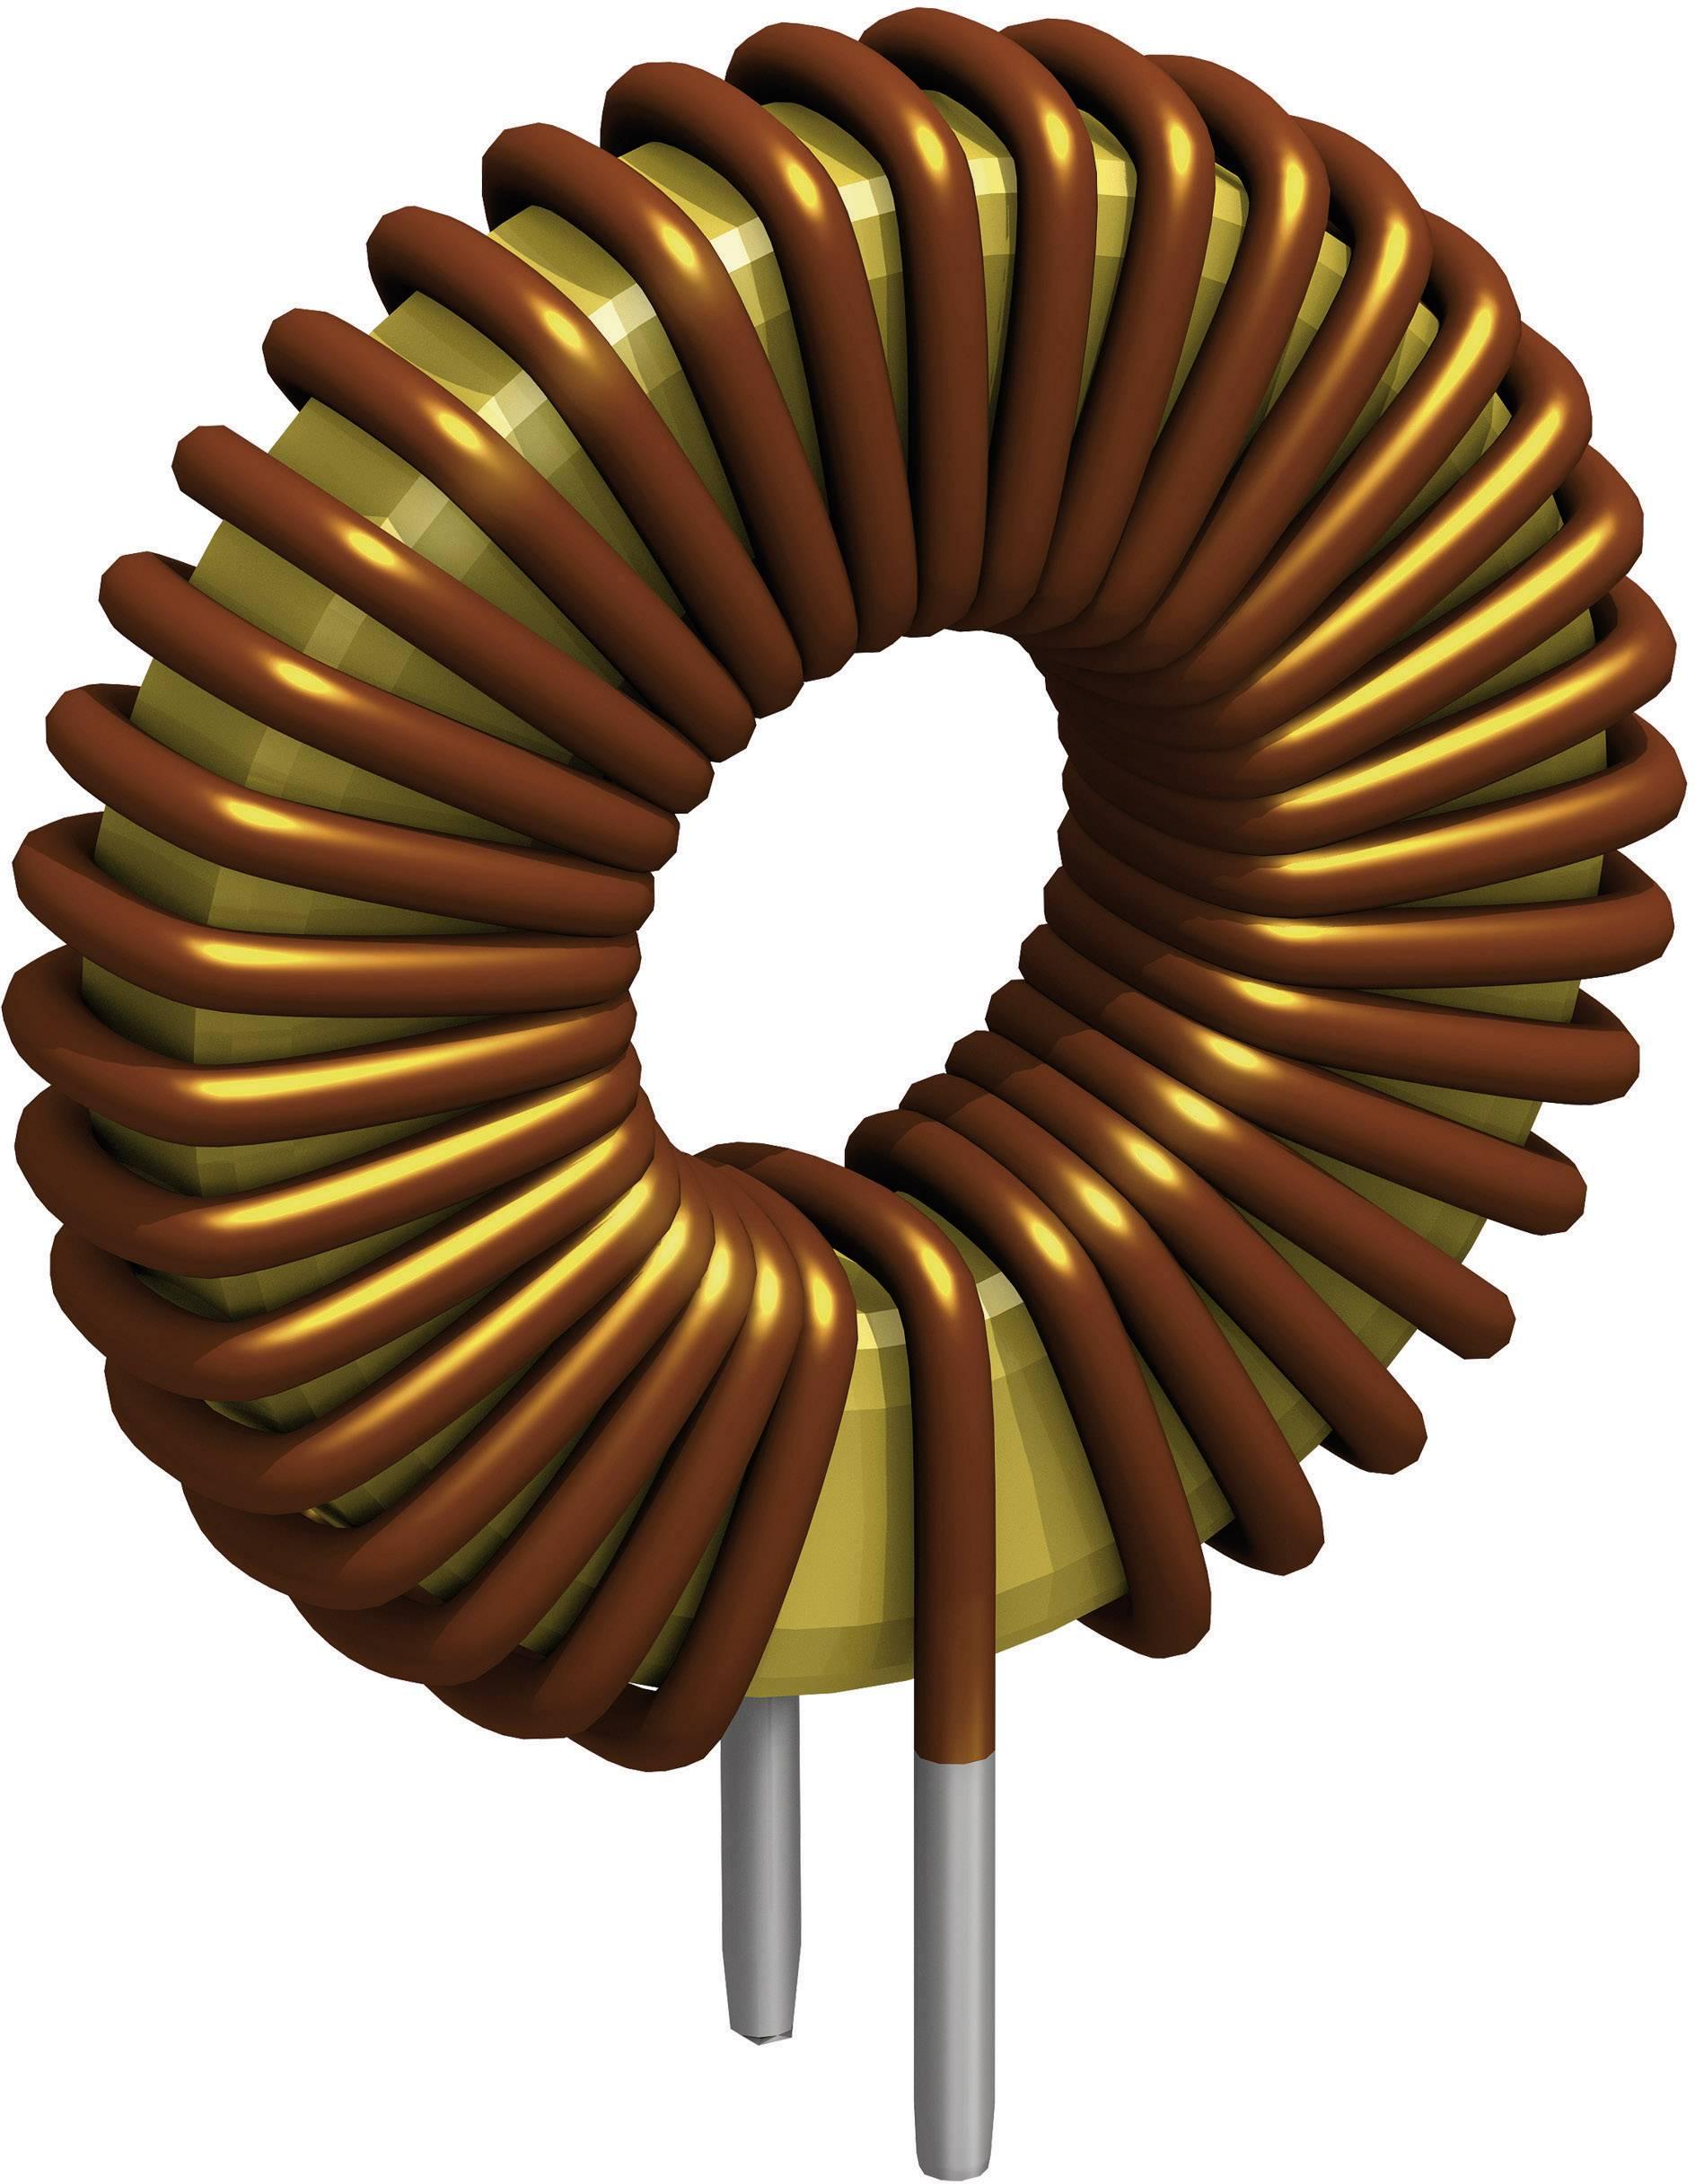 Tlmivka radiálne vývody Fastron TLC/0.25A-102M-00, 1000 µH, 0.25 A, 1 ks